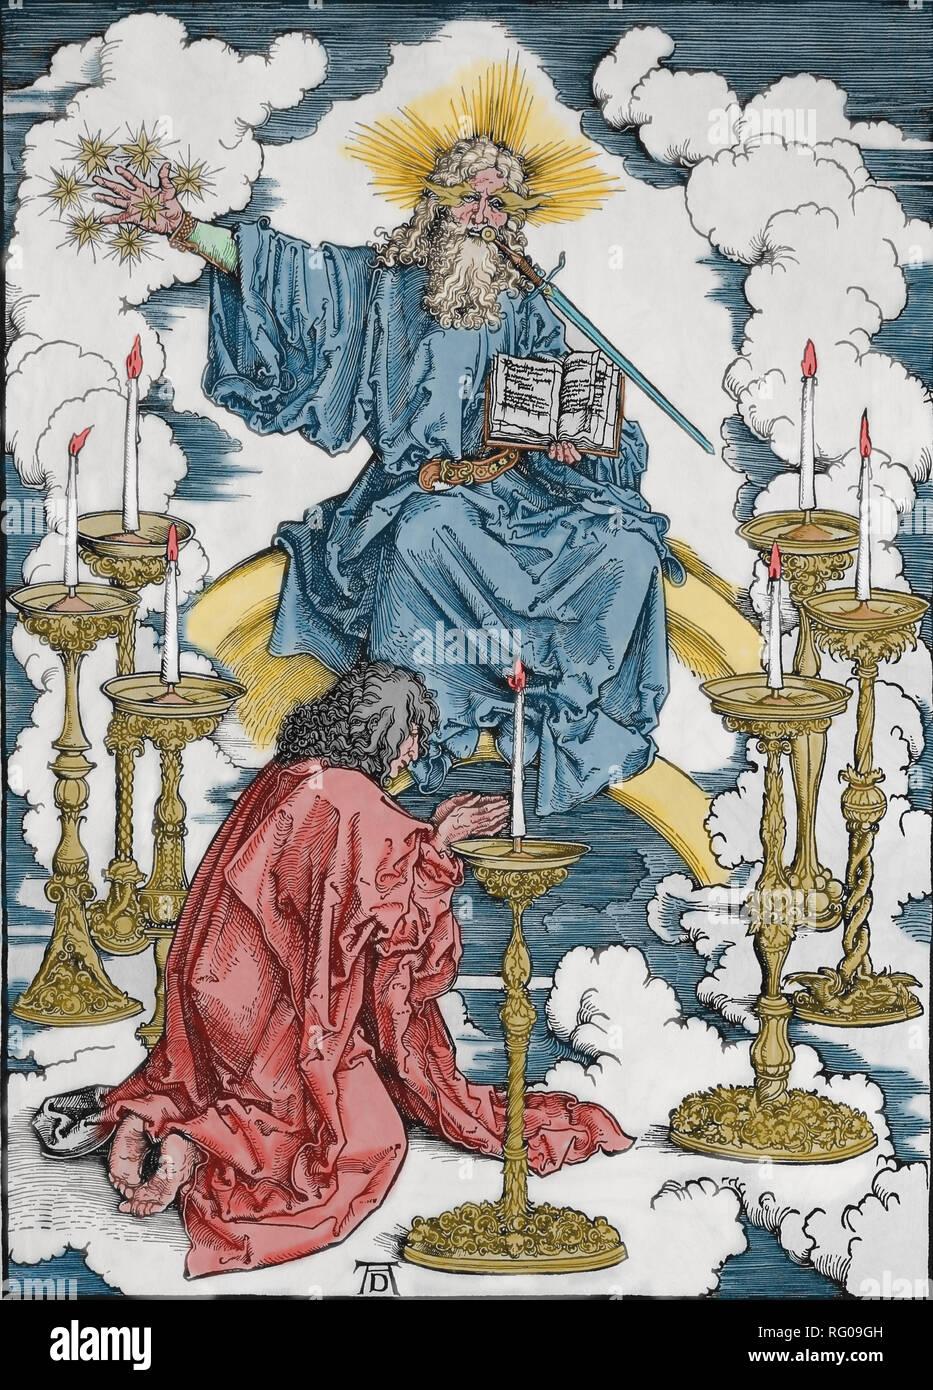 St. John Vision von Christus und die 7 Kerzenhalter. Apokalypse. Holzschnitt von Albrecht Dürer. 1498. Stockbild